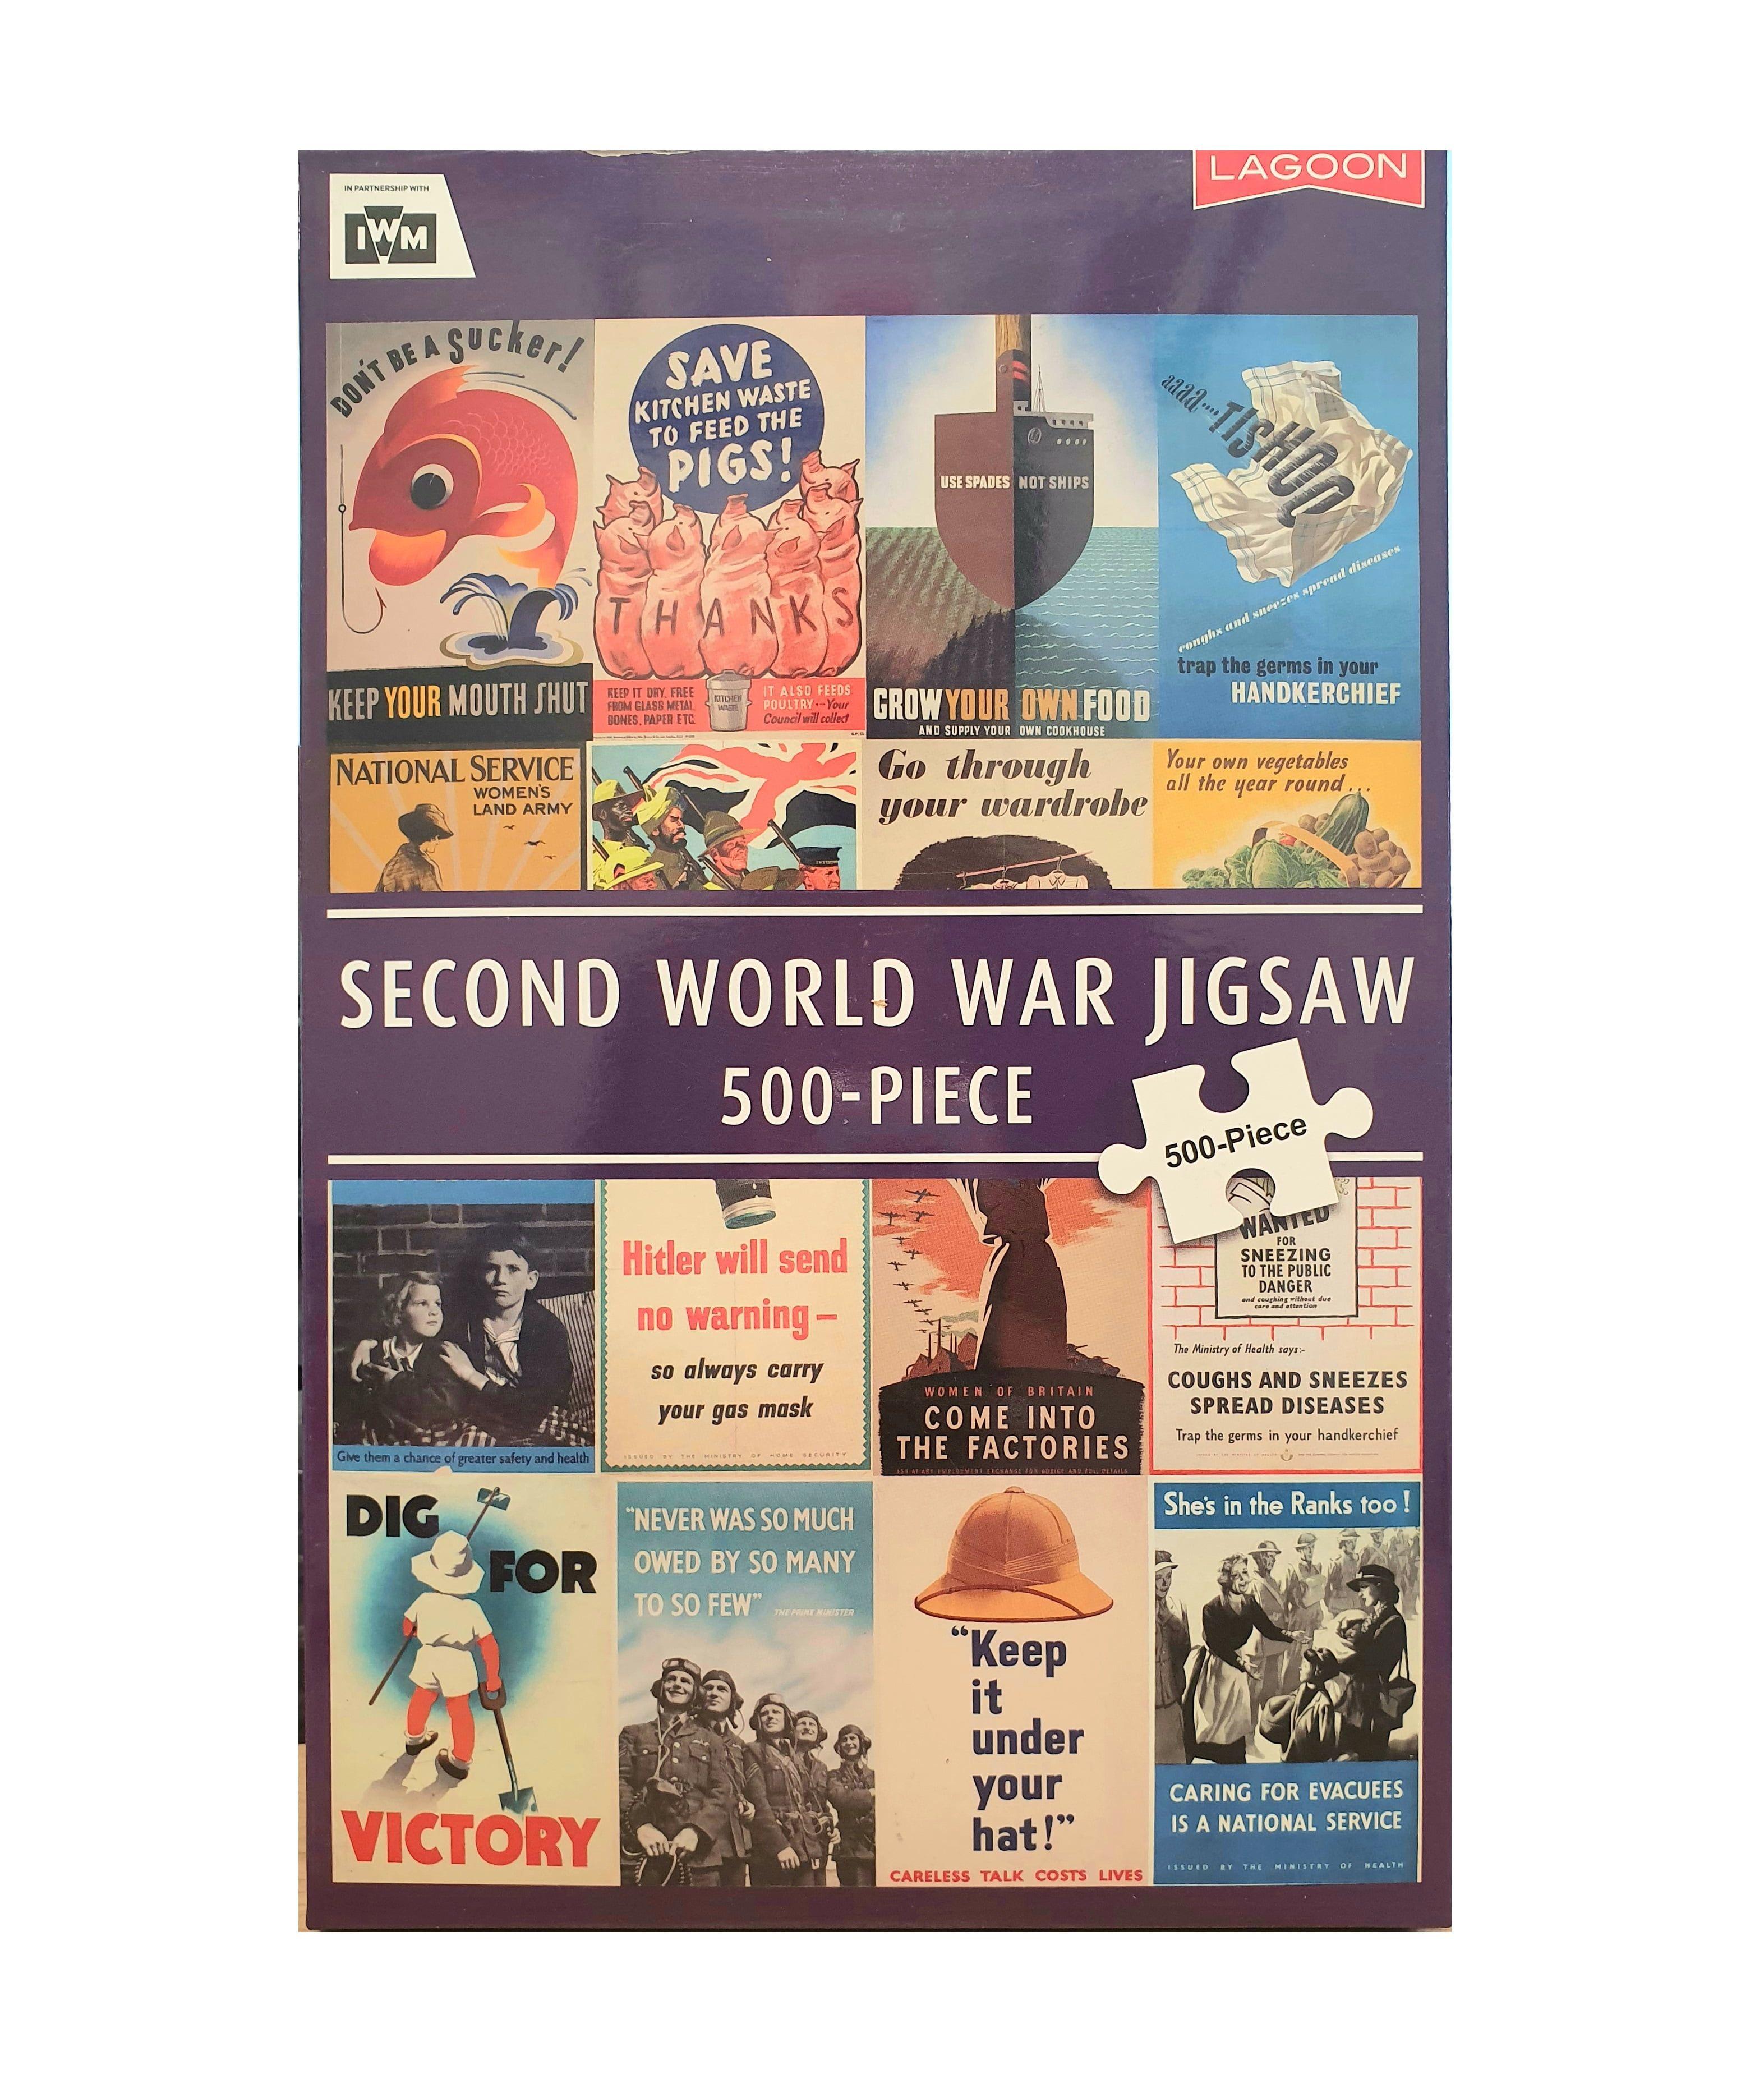 Second World War Jigsaw